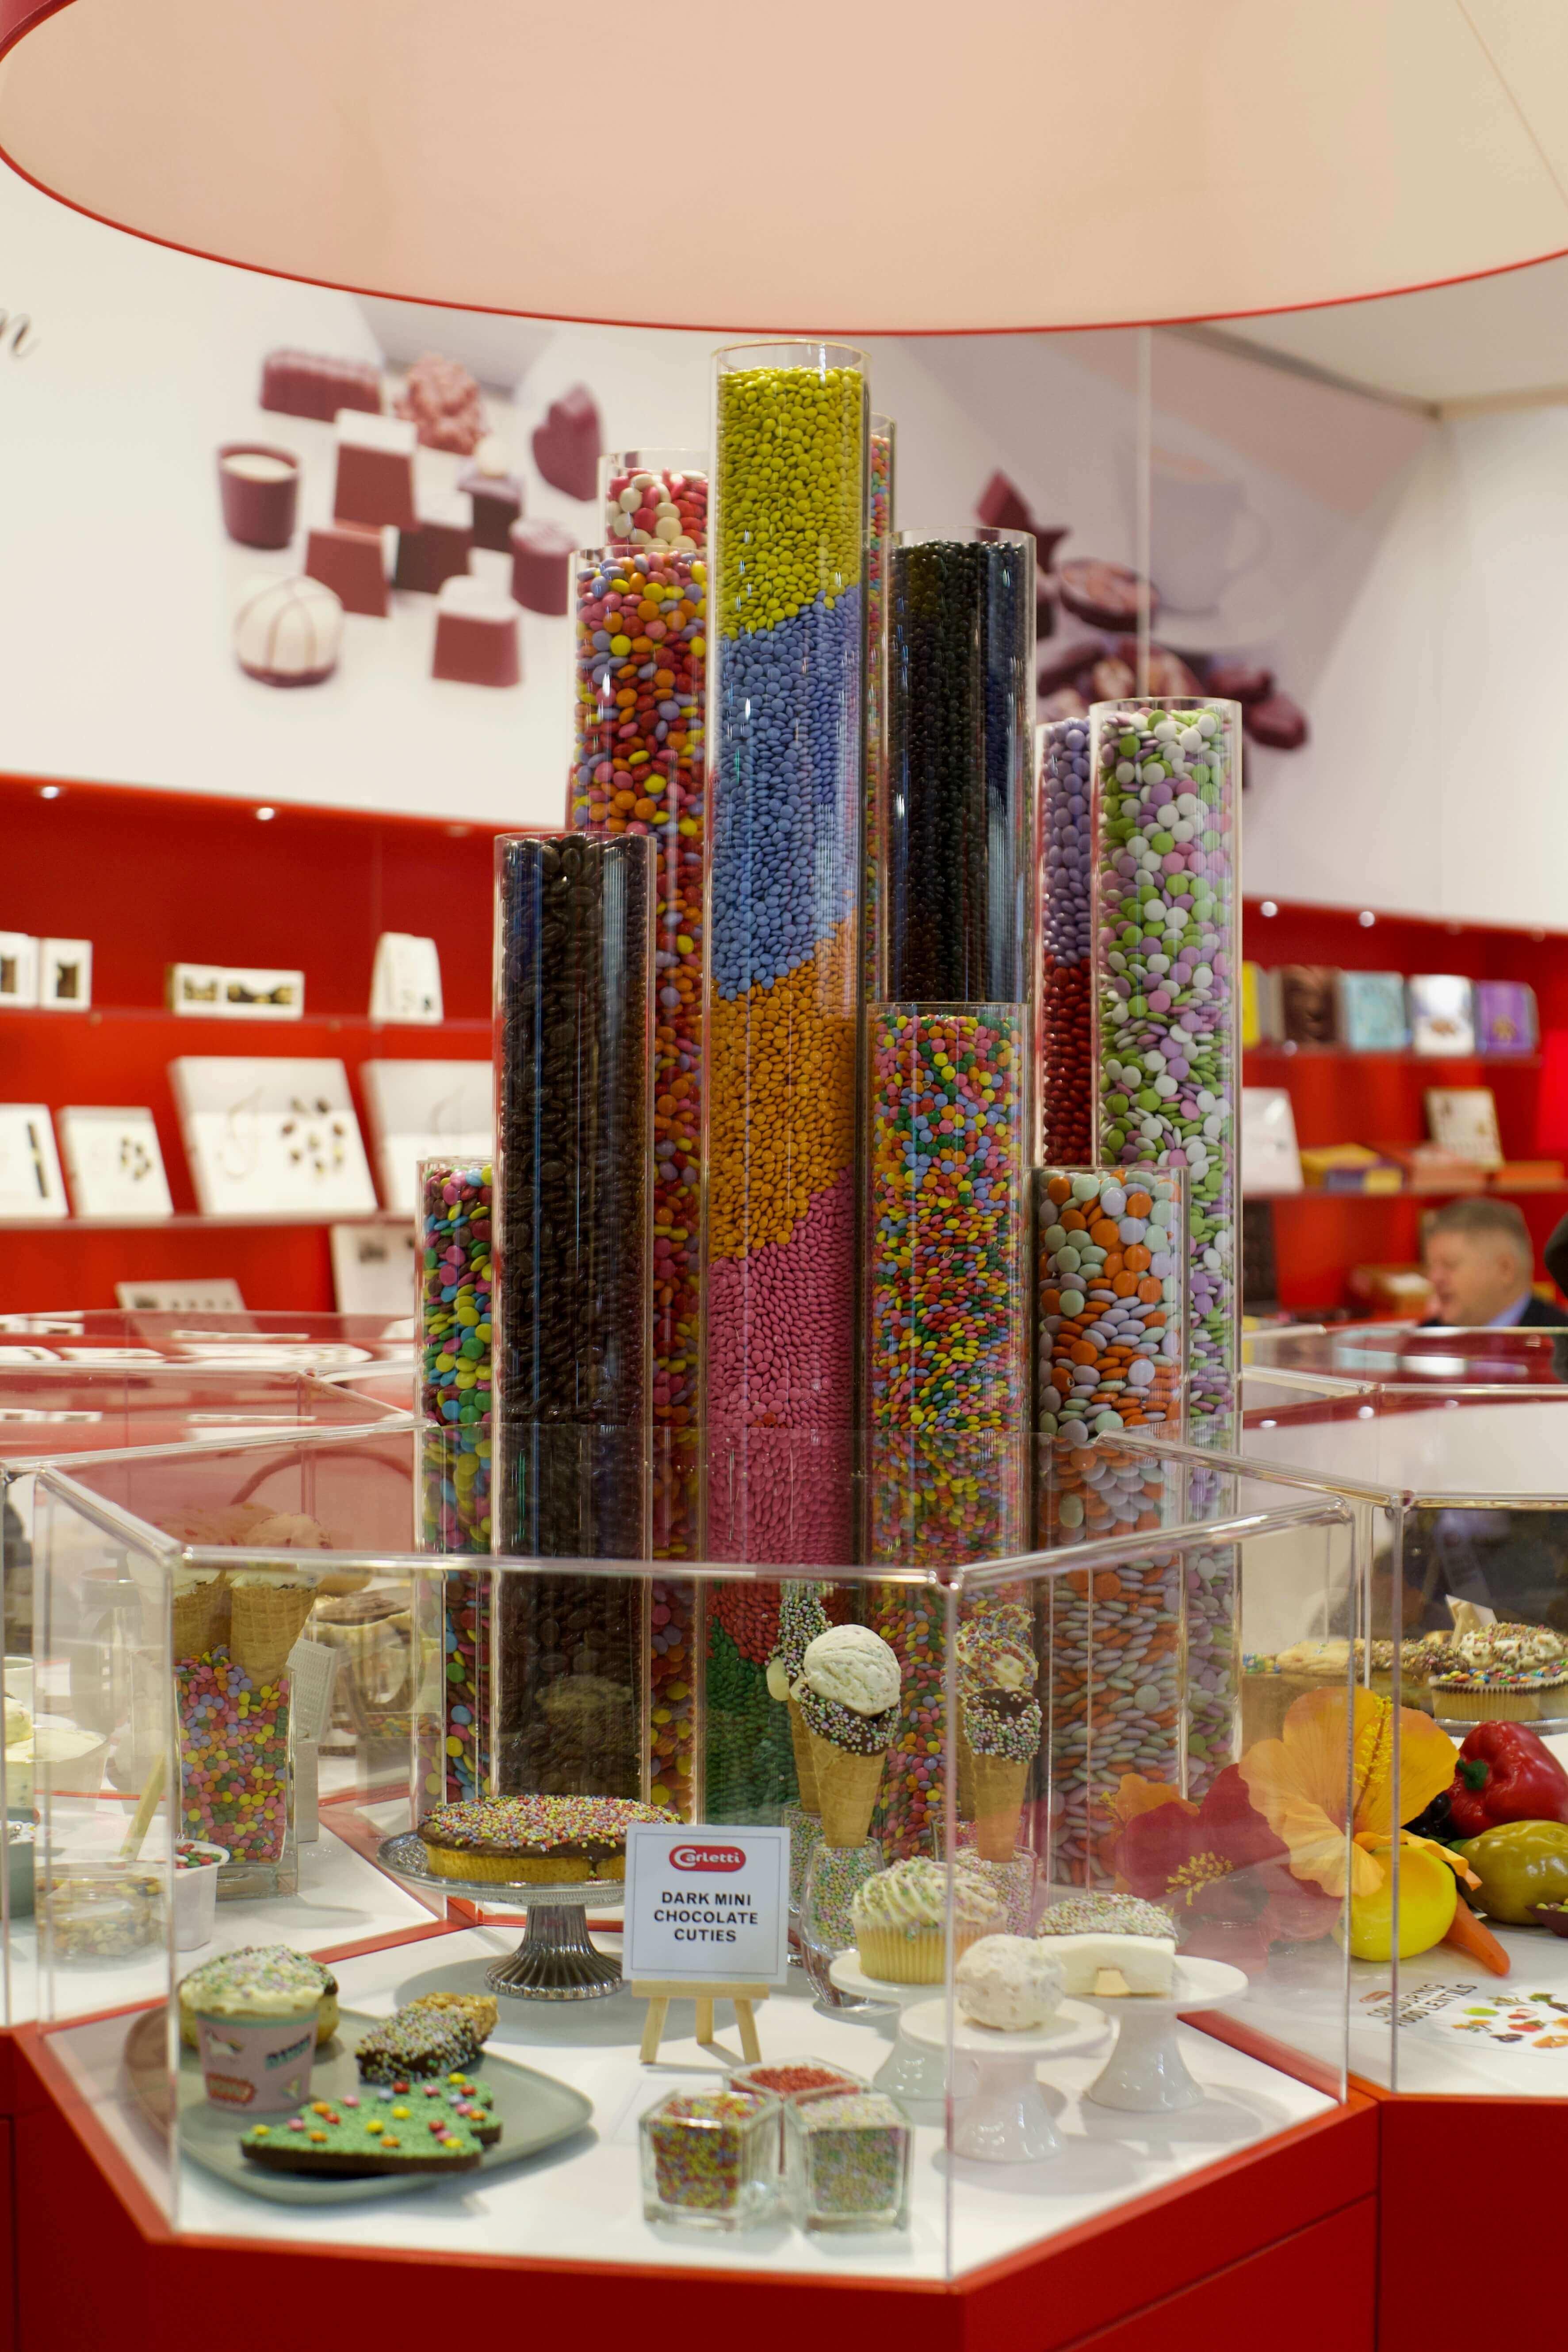 Ein Tag auf der Süßwarenmesse ISM 2018 in Köln: süße Trends und zuckerfreie Zuckerwaren | Bericht